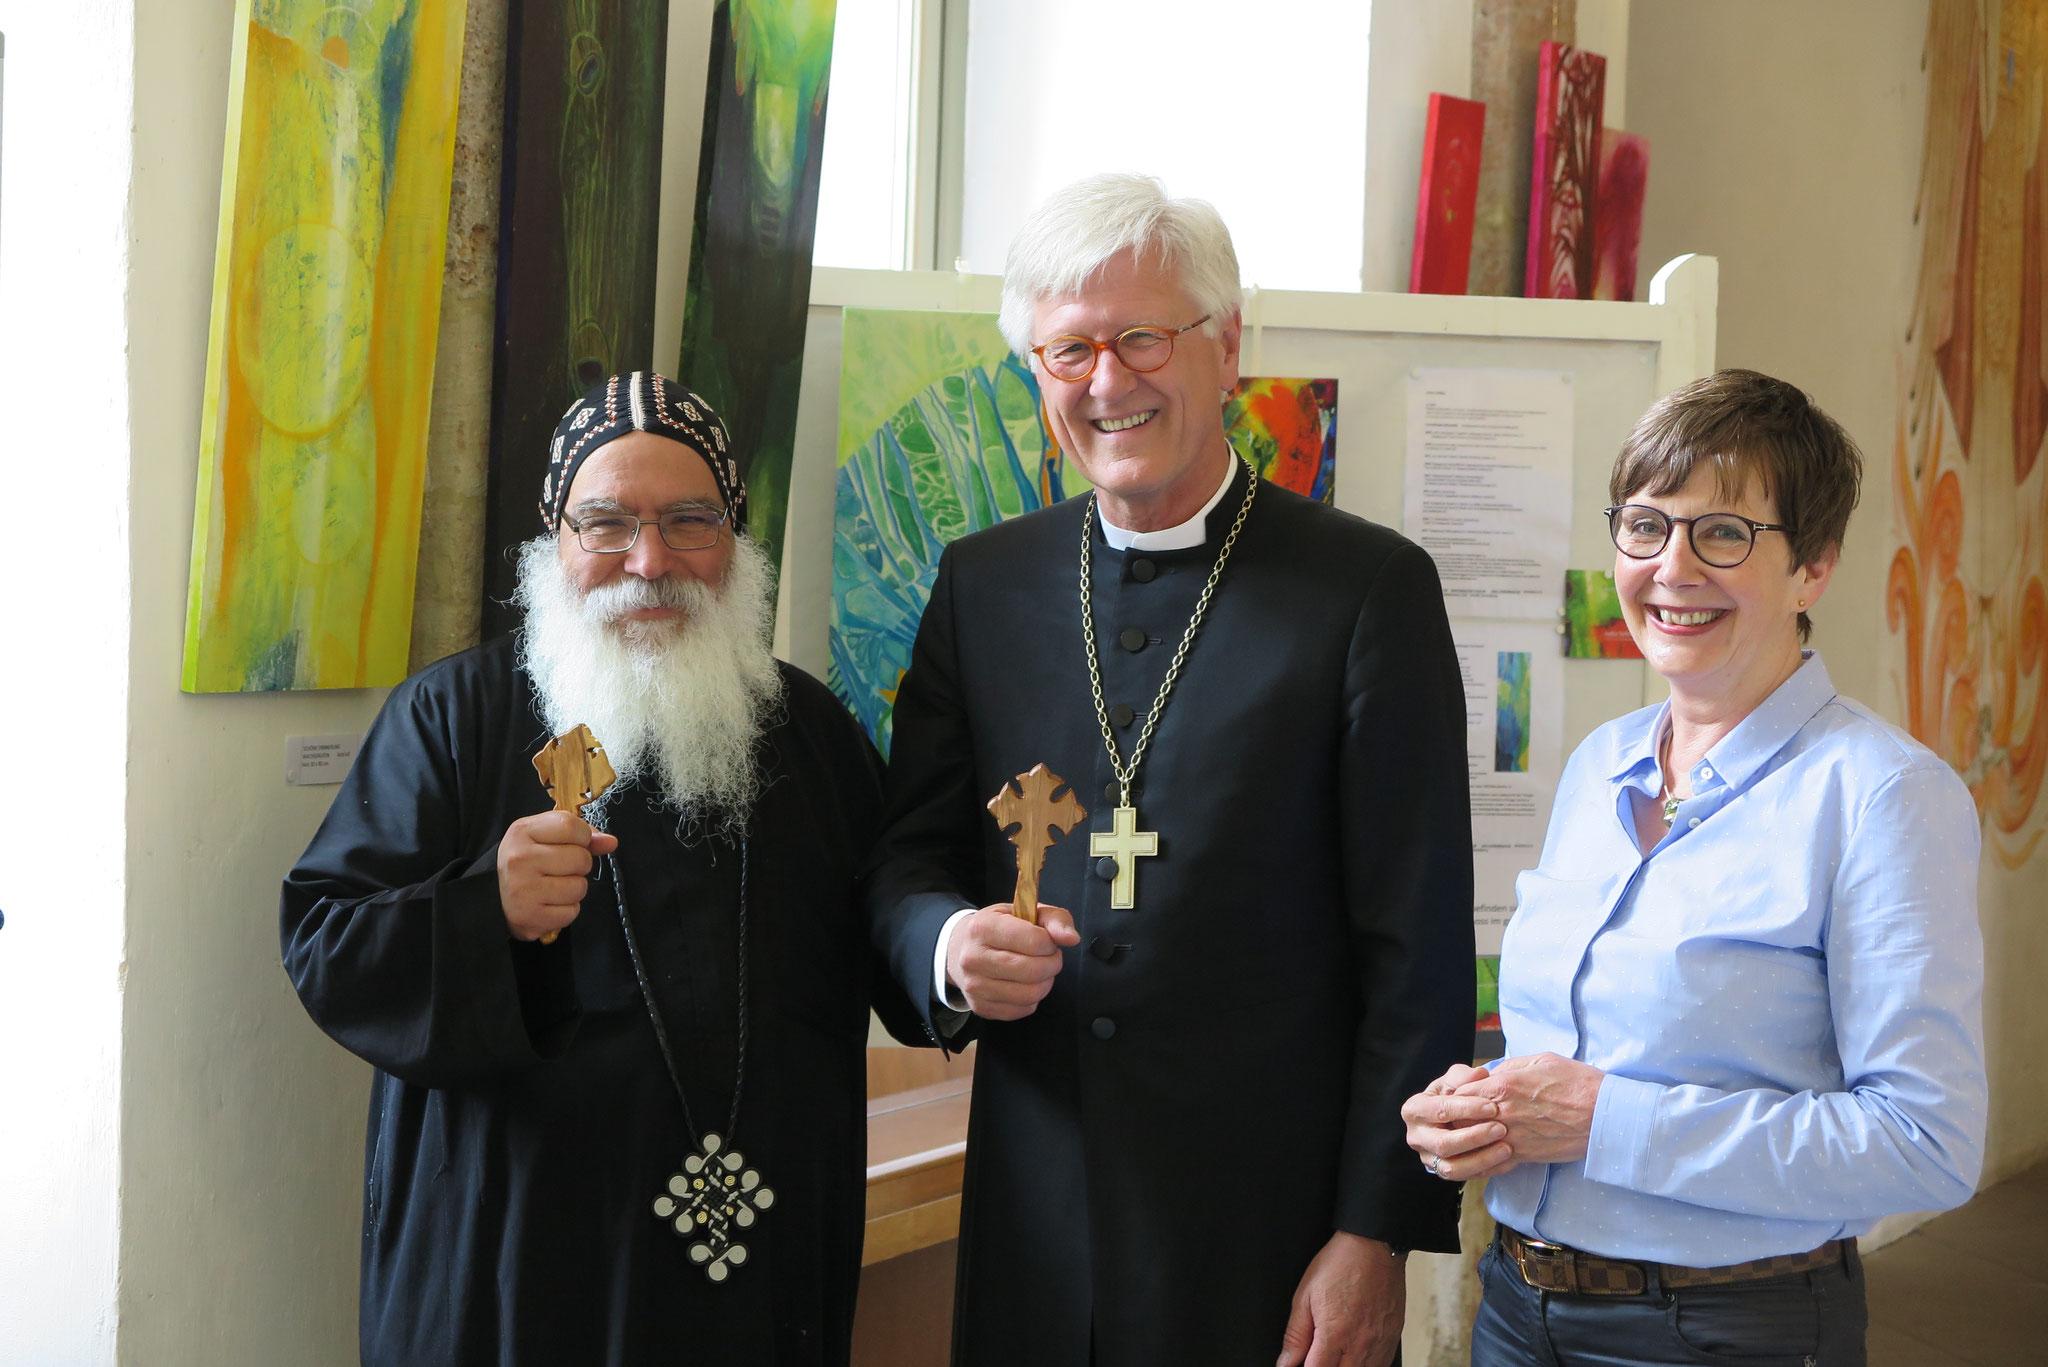 S.E. Bischof Anba Damian, Prof. Dr. Heinrich Bedford-Strohm und Jutta Schlier. Foto: Christian Hohmann